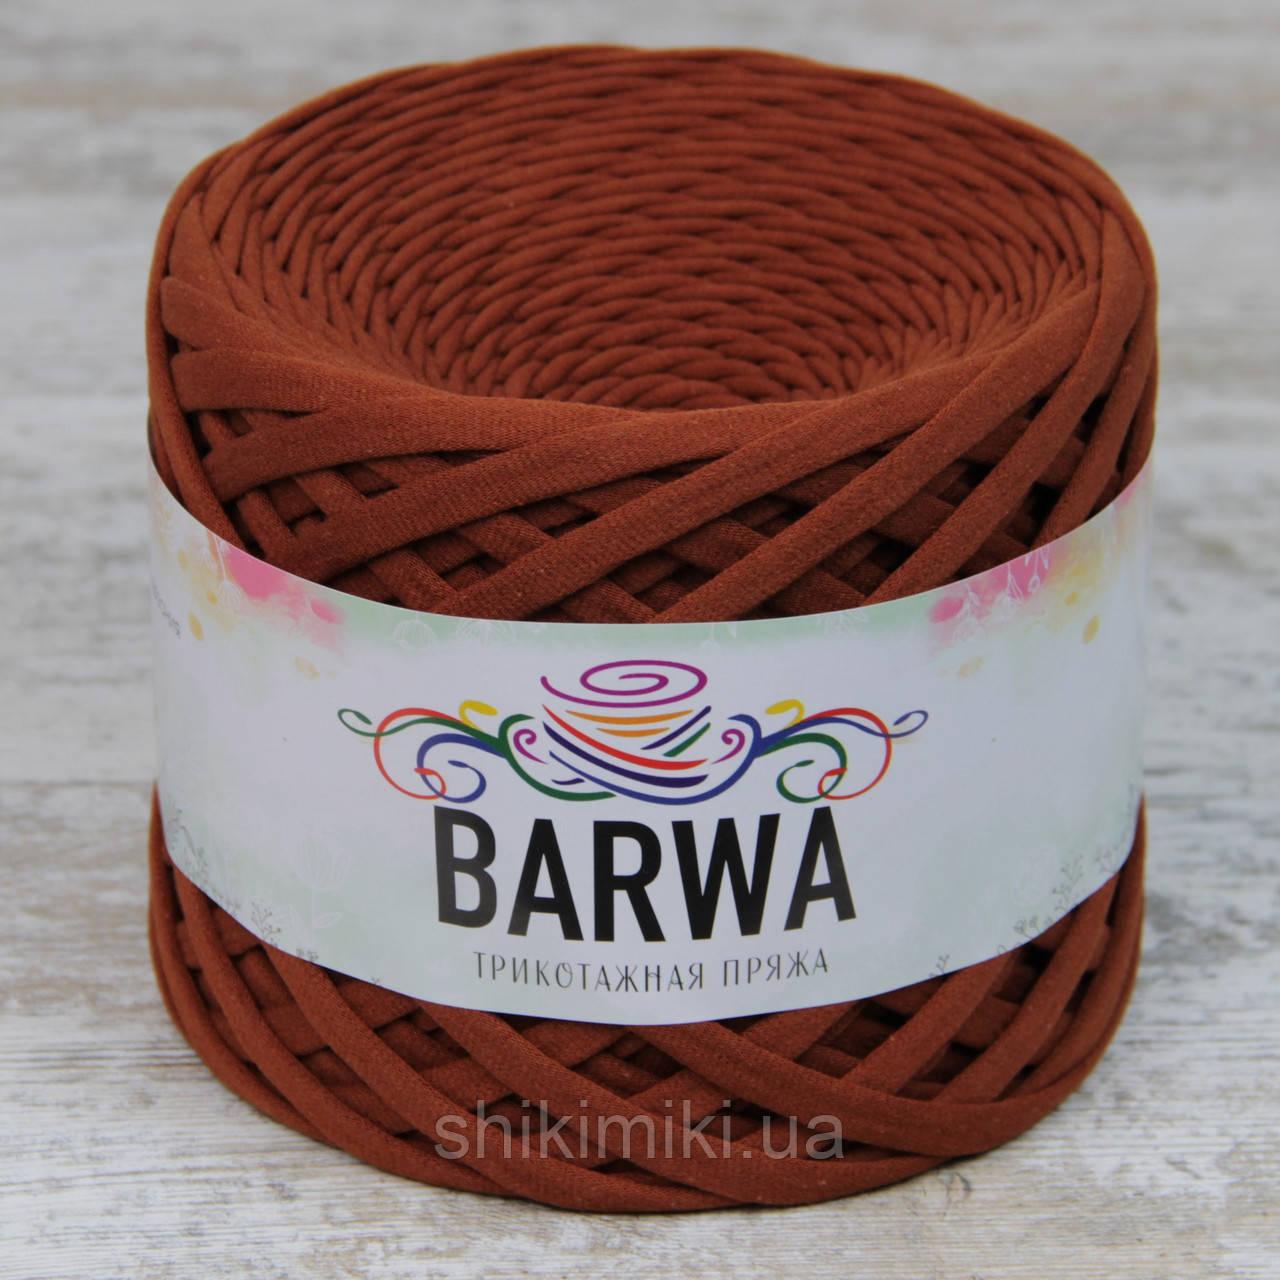 Пряжа трикотажна Barwa (7-9 мм), колір Карамельний мигдаль